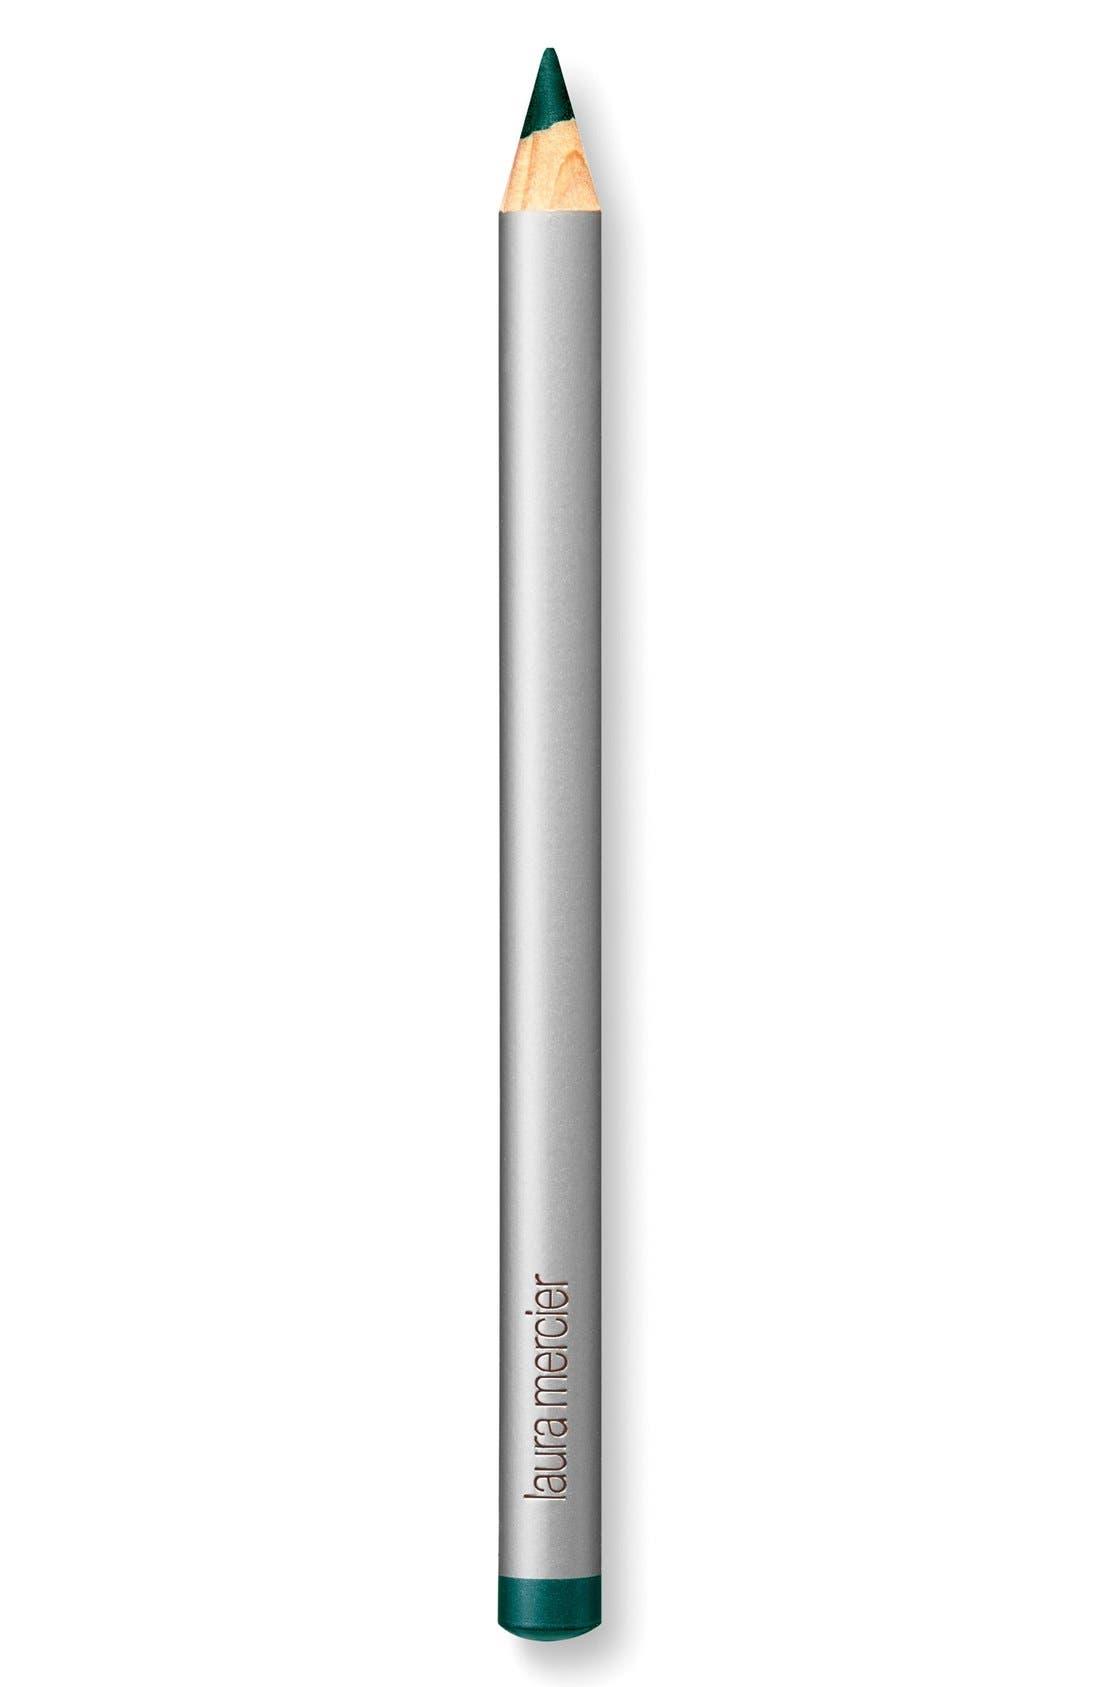 Kohl Eye Pencil,                             Main thumbnail 5, color,